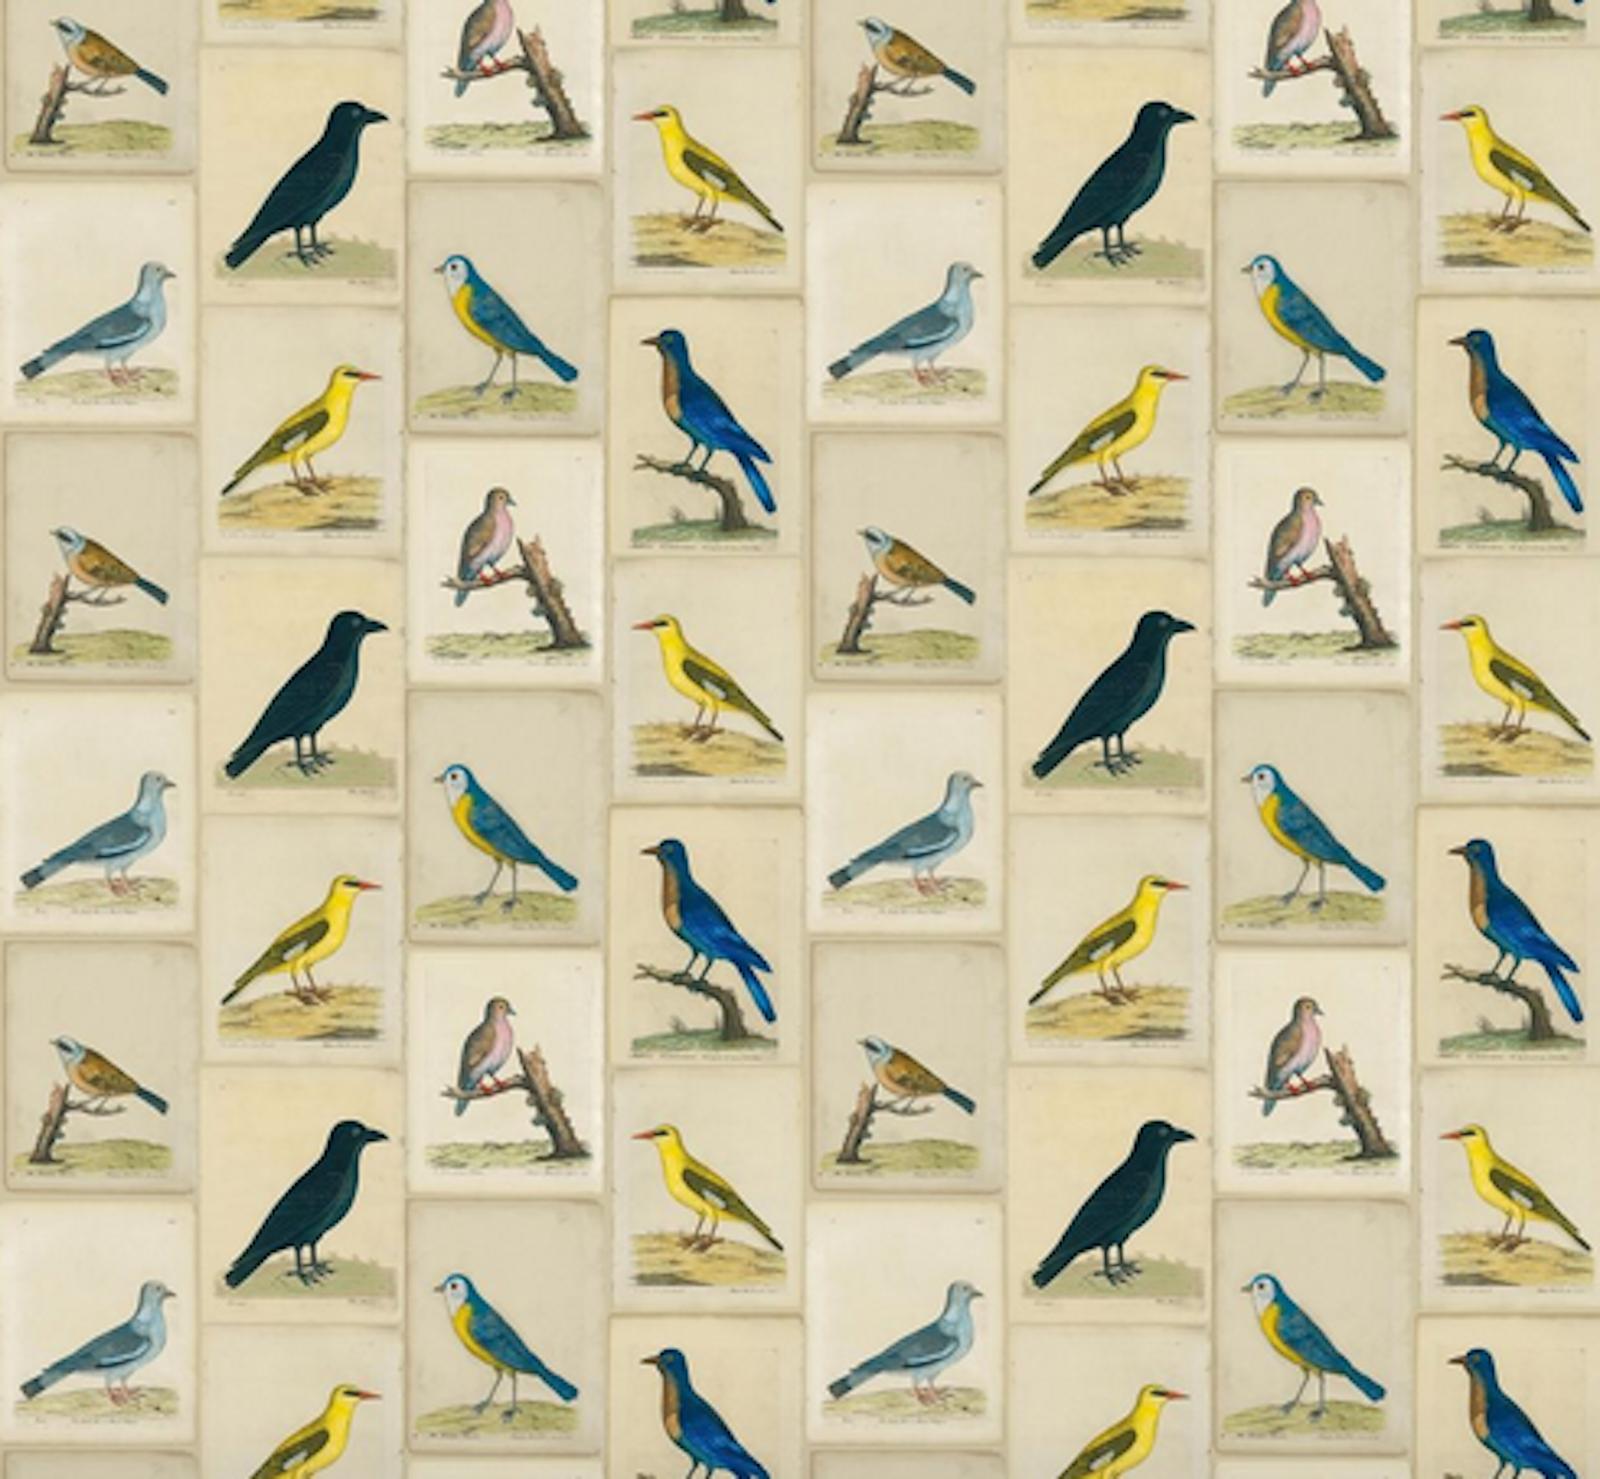 DESIGNERS GUILD FABRIC JOHN DERION BIRD COLLAGE PARCHMENT FJD6005 01 COTTON